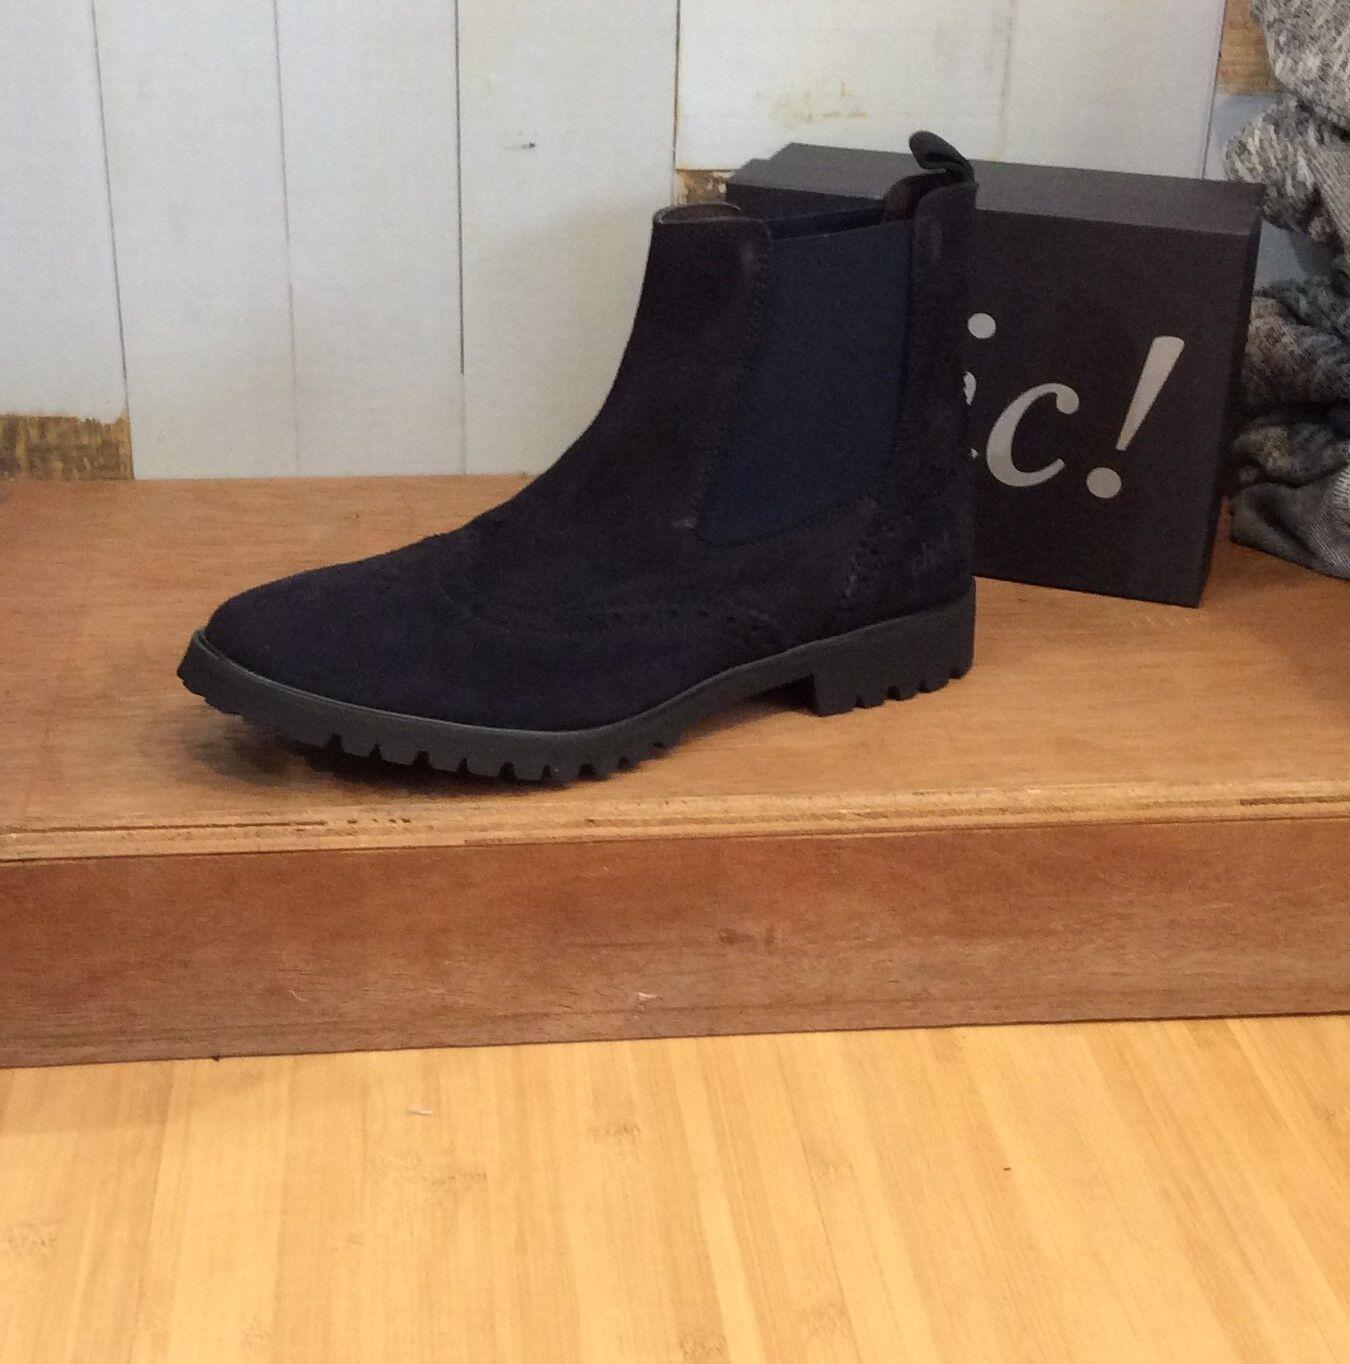 Clic! Schuhe neue Kollektion Damen Chelsea Budapester Muster CL 7112 Gr. 36 - 41